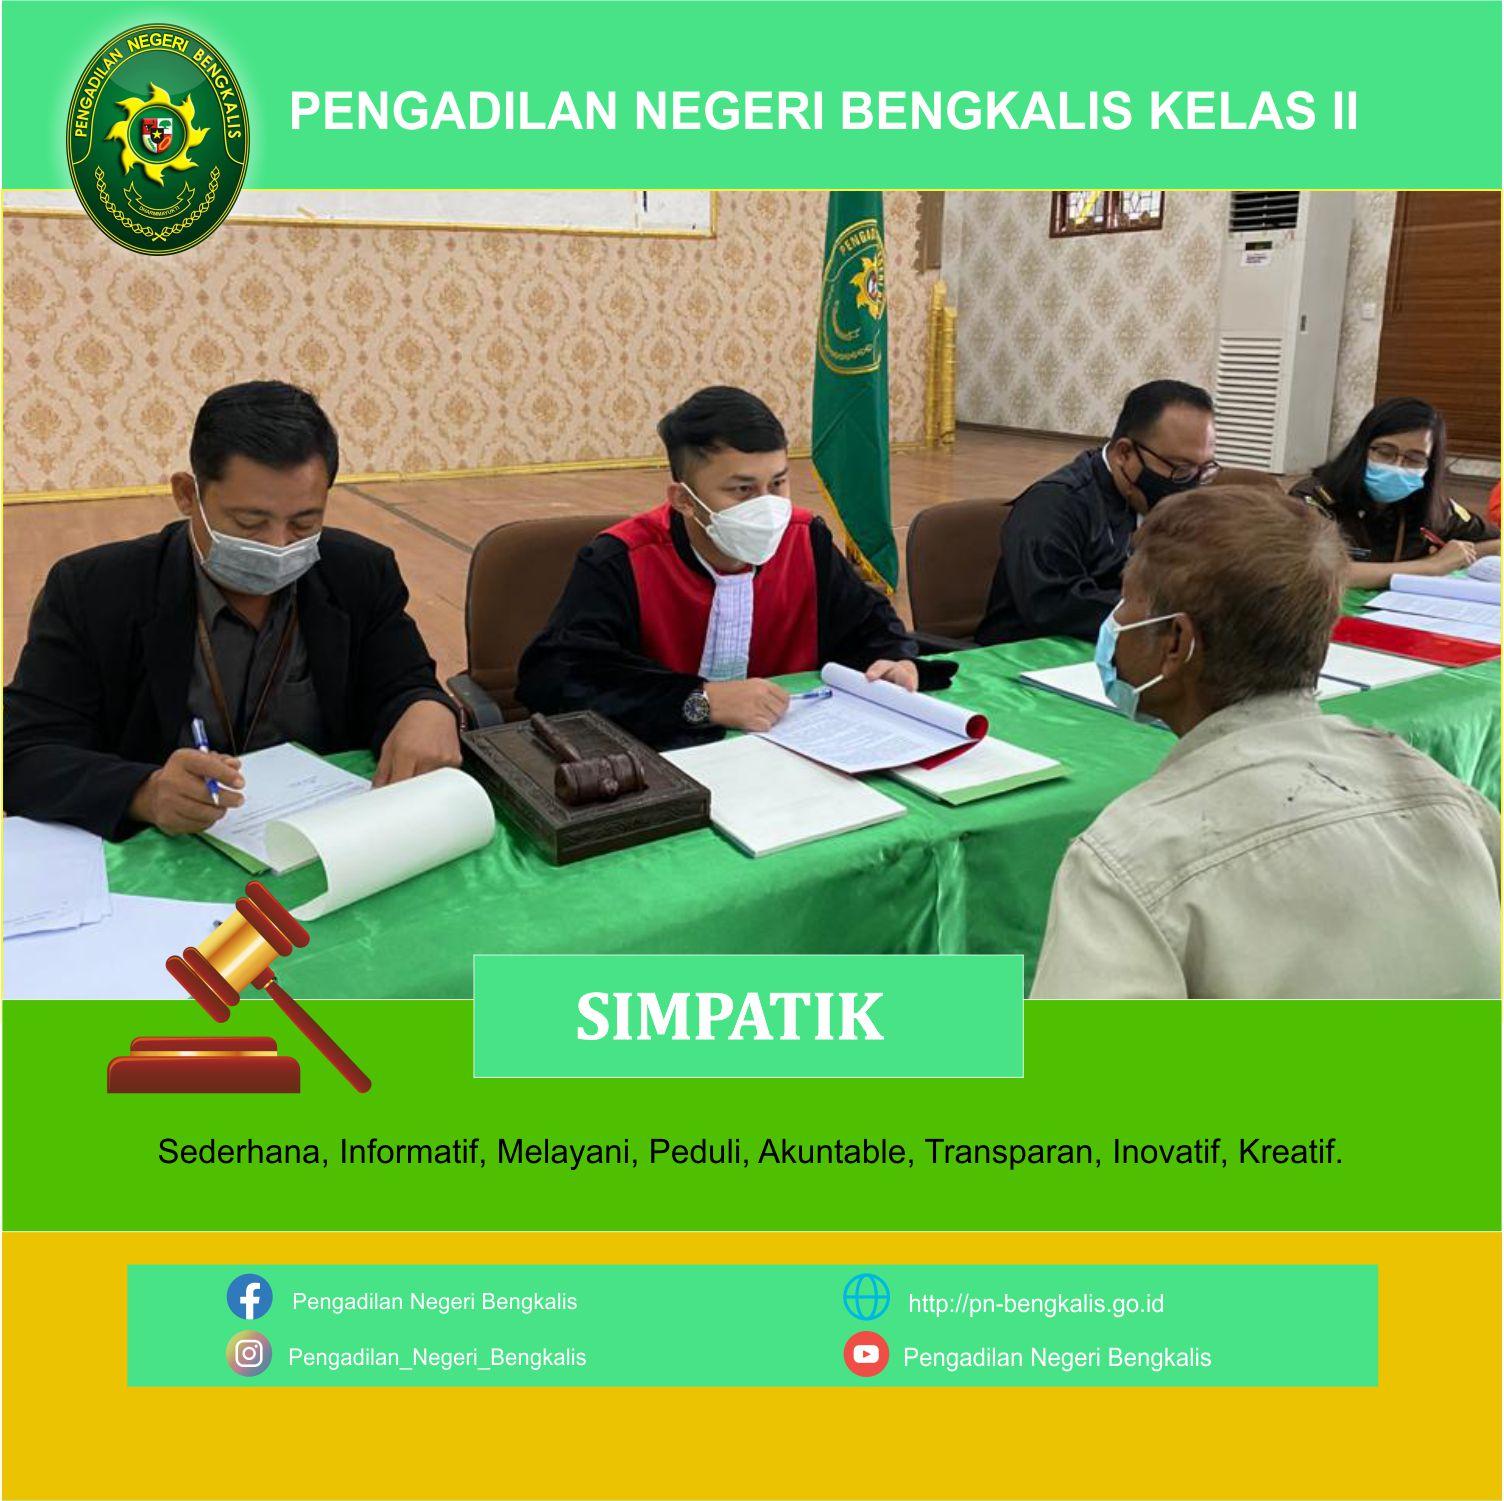 Sidang Ditempat Bagi Pelanggar Protokol Kesehatan